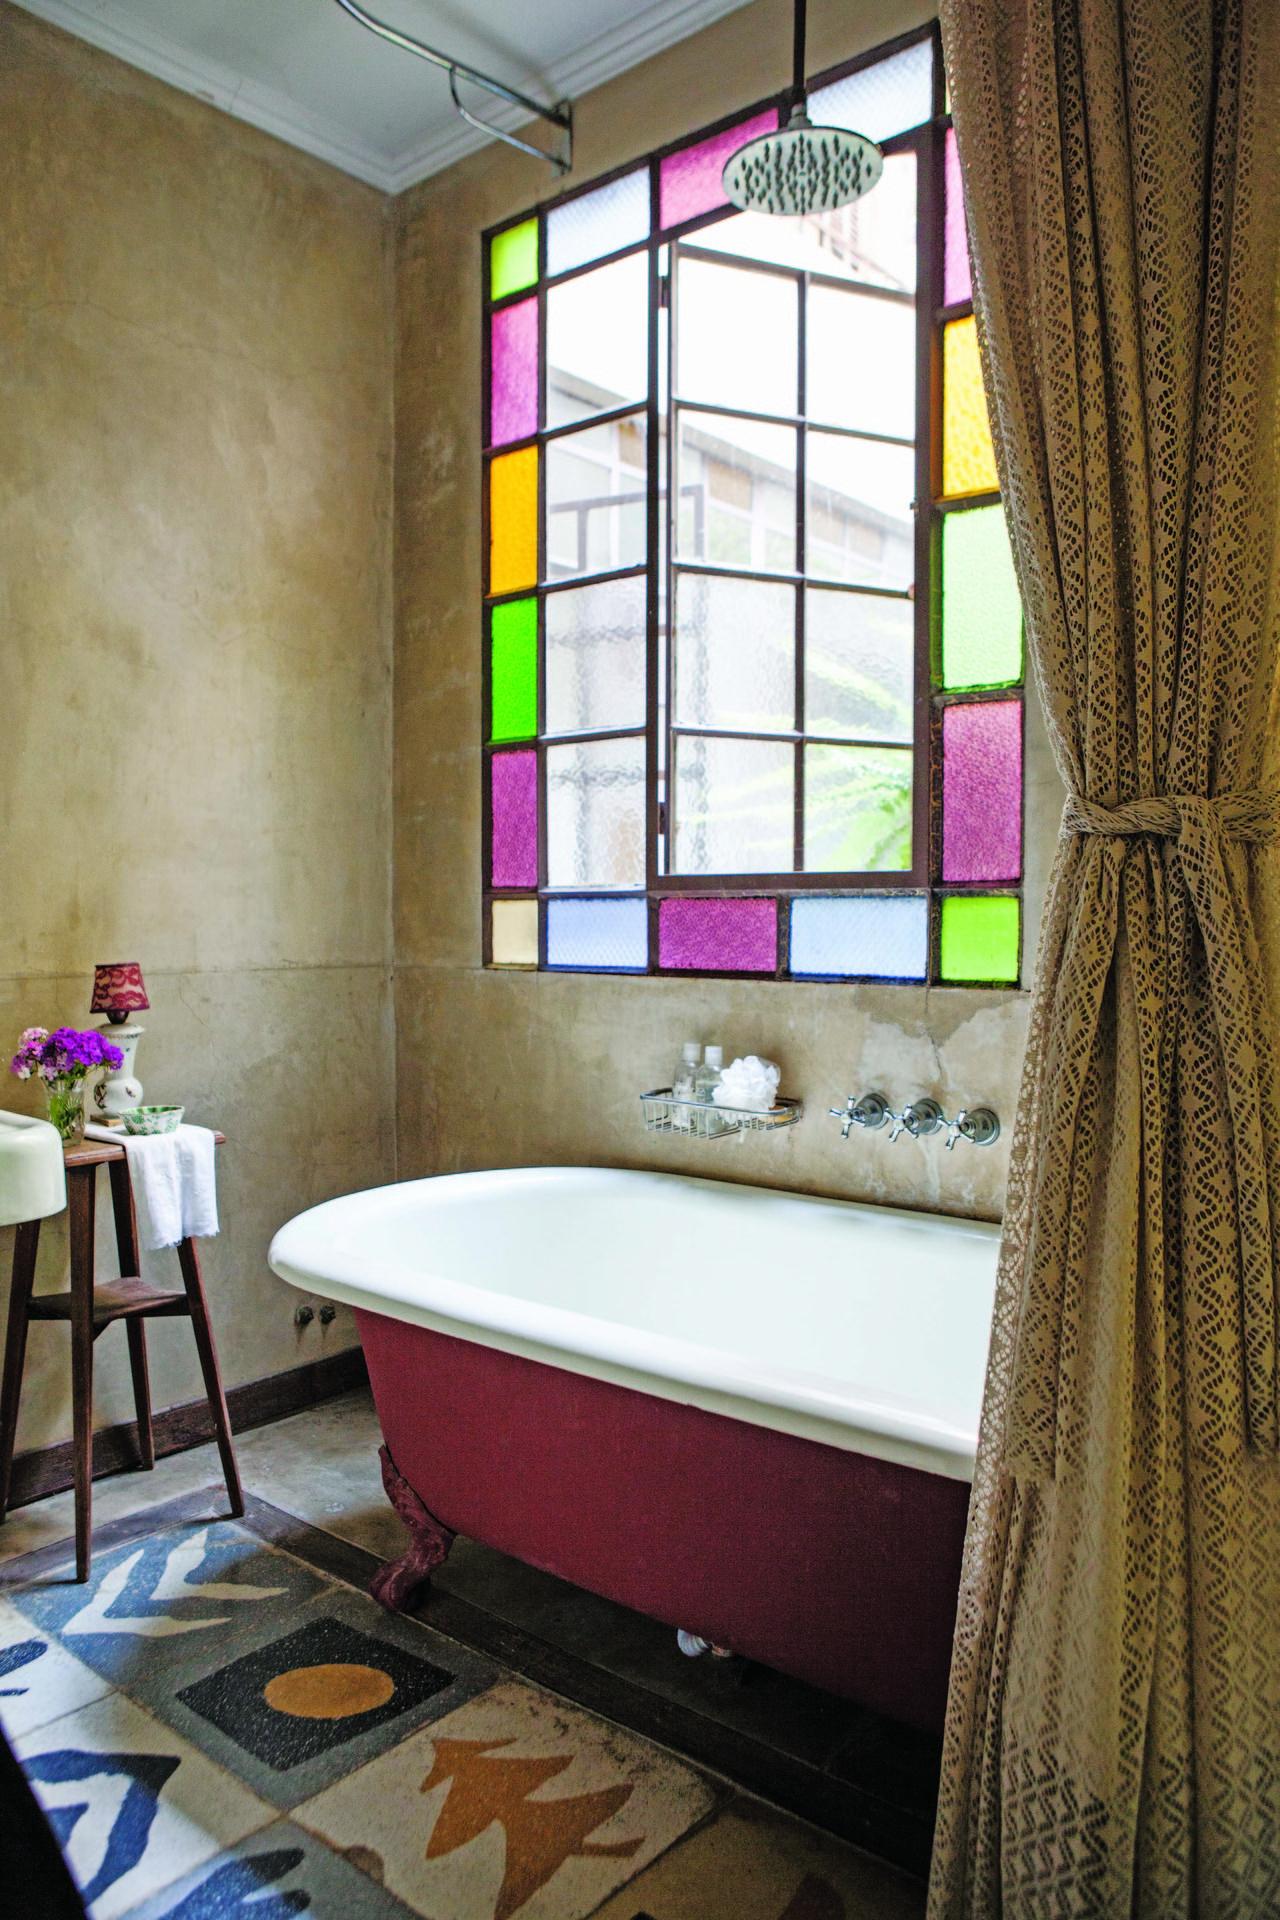 bao rstico con ventanal de vidrio repartido piso de calcreos antigua baera y cortina